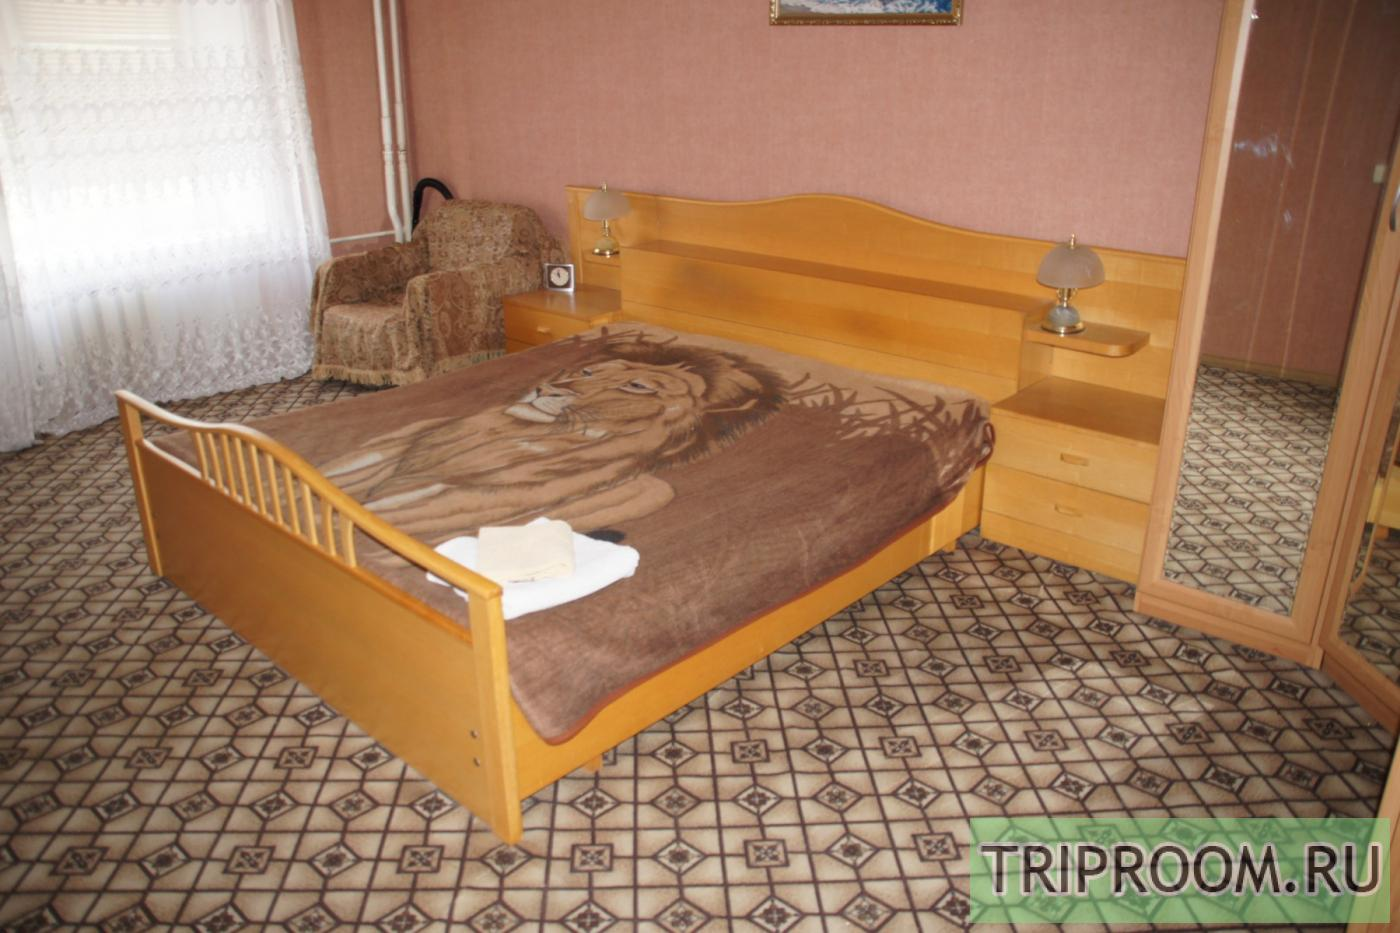 2-комнатная квартира посуточно (вариант № 20151), ул. Комсомольская улица, фото № 1